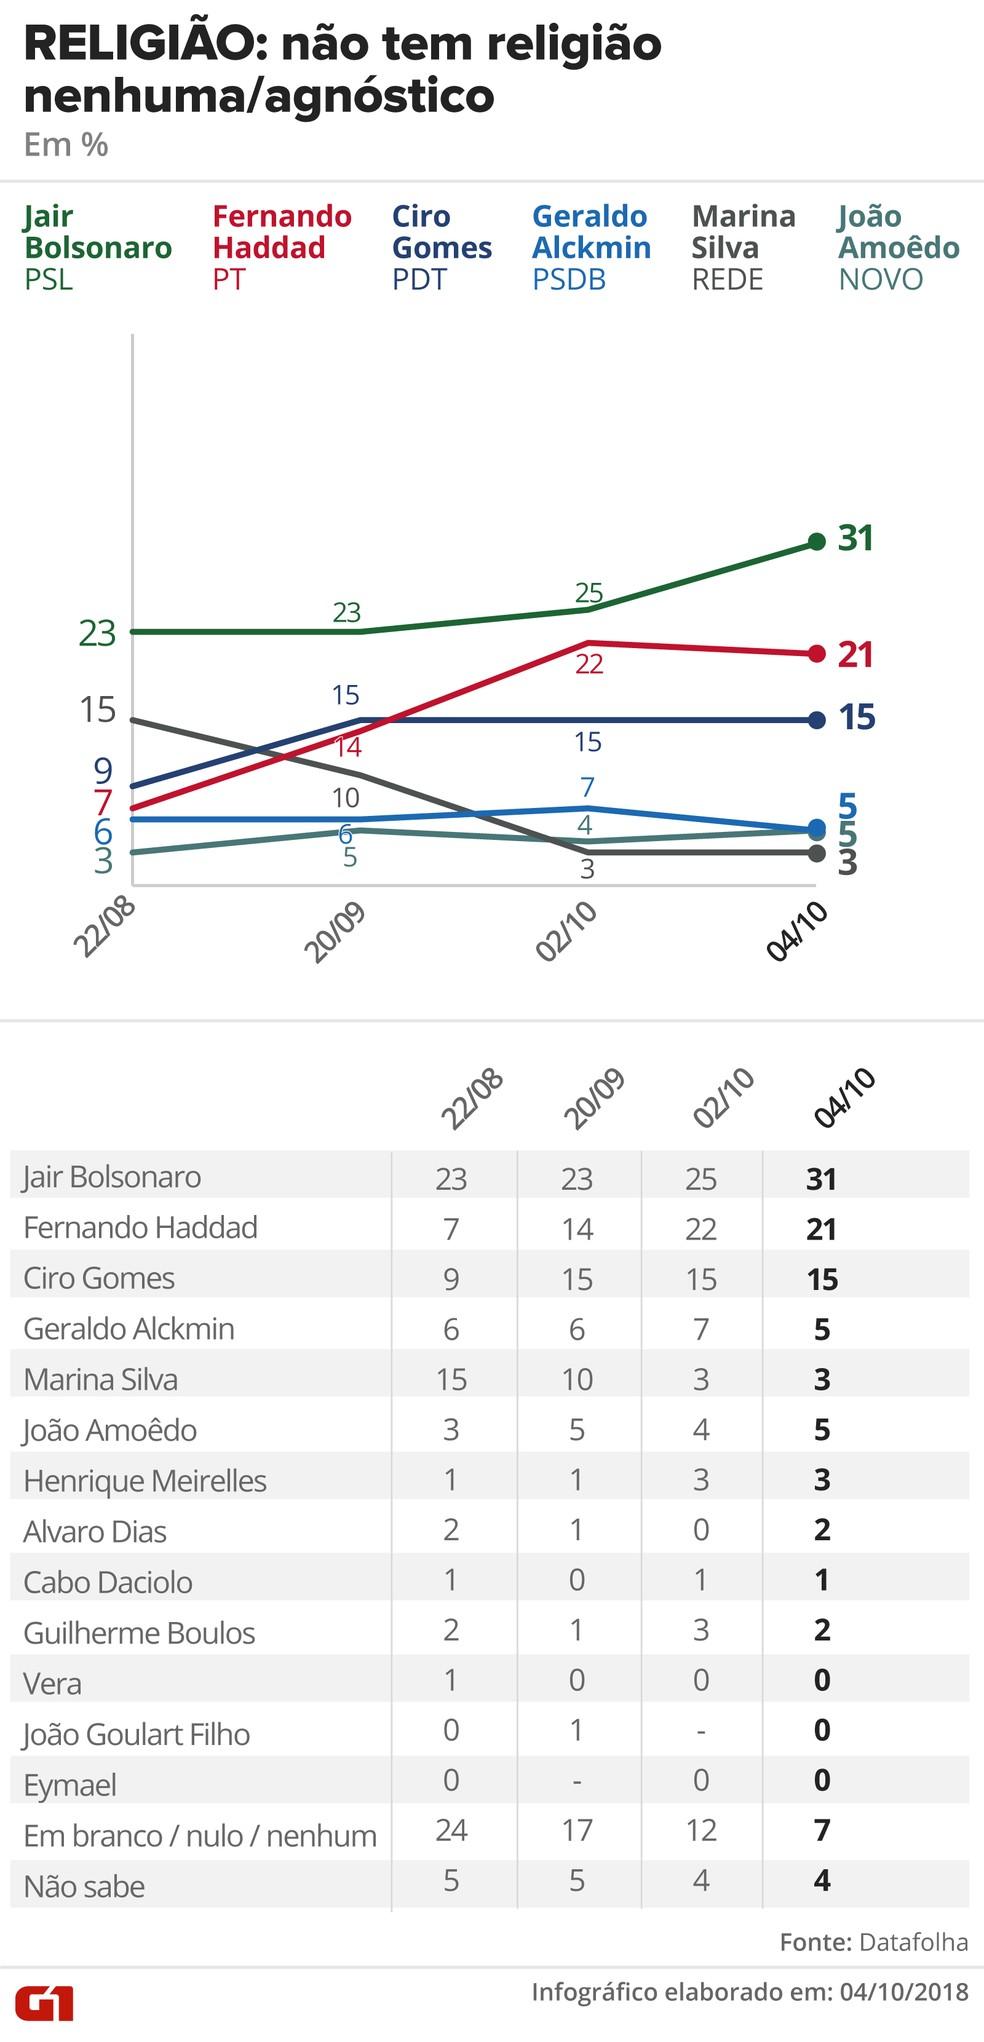 Pesquisa Datafolha - 4 de outubro - intenção de voto por segmentos - religião: não tem — Foto: Arte/G1